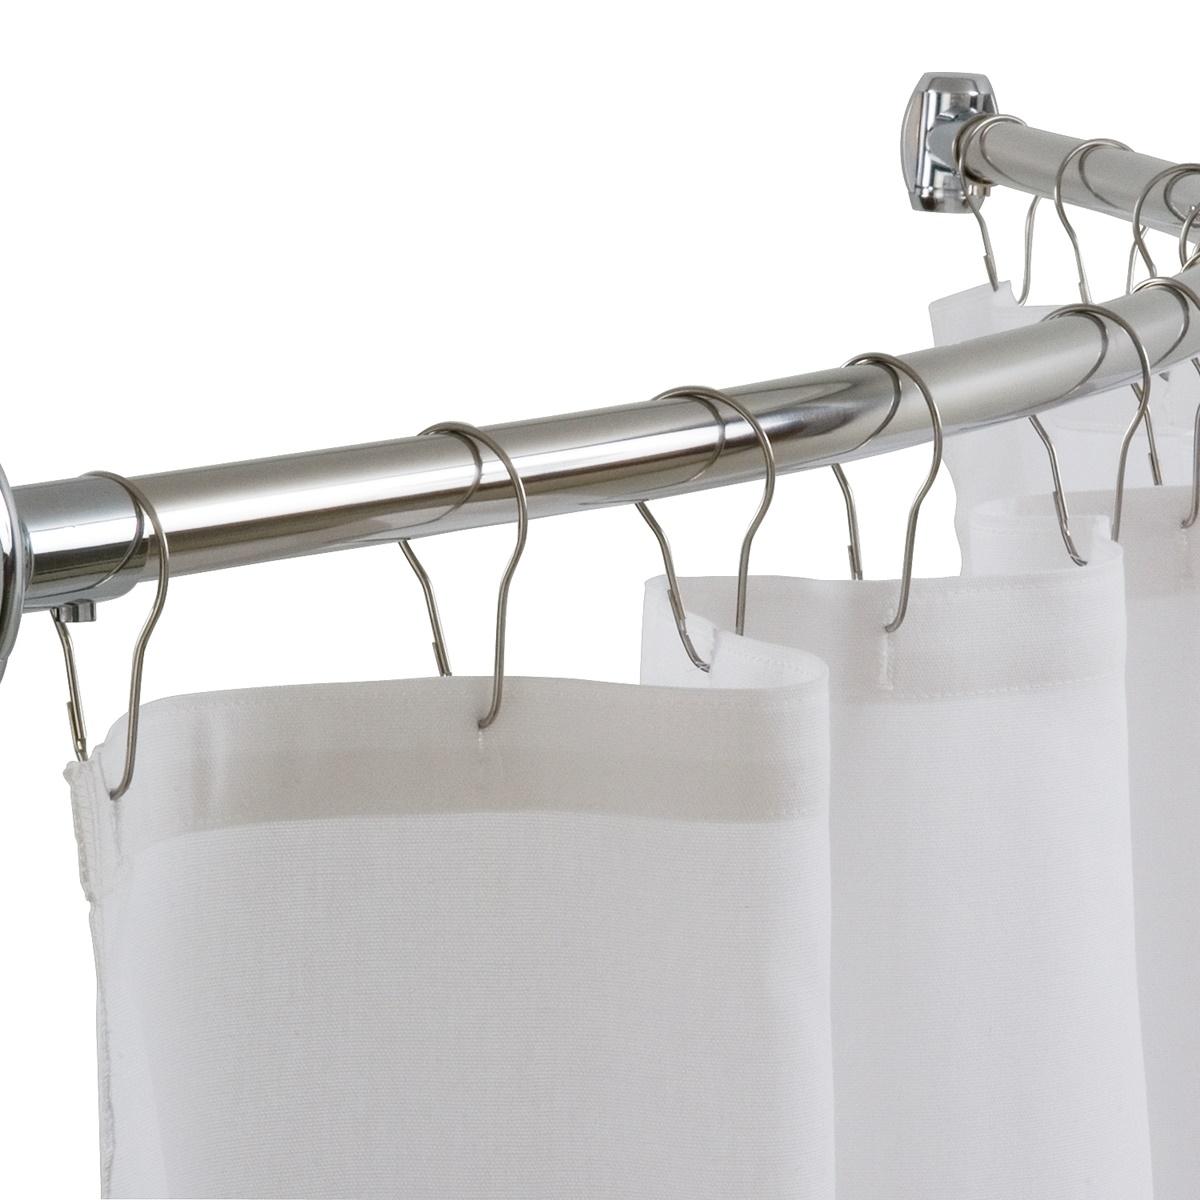 Штанга (карниз) для шторы в ванной